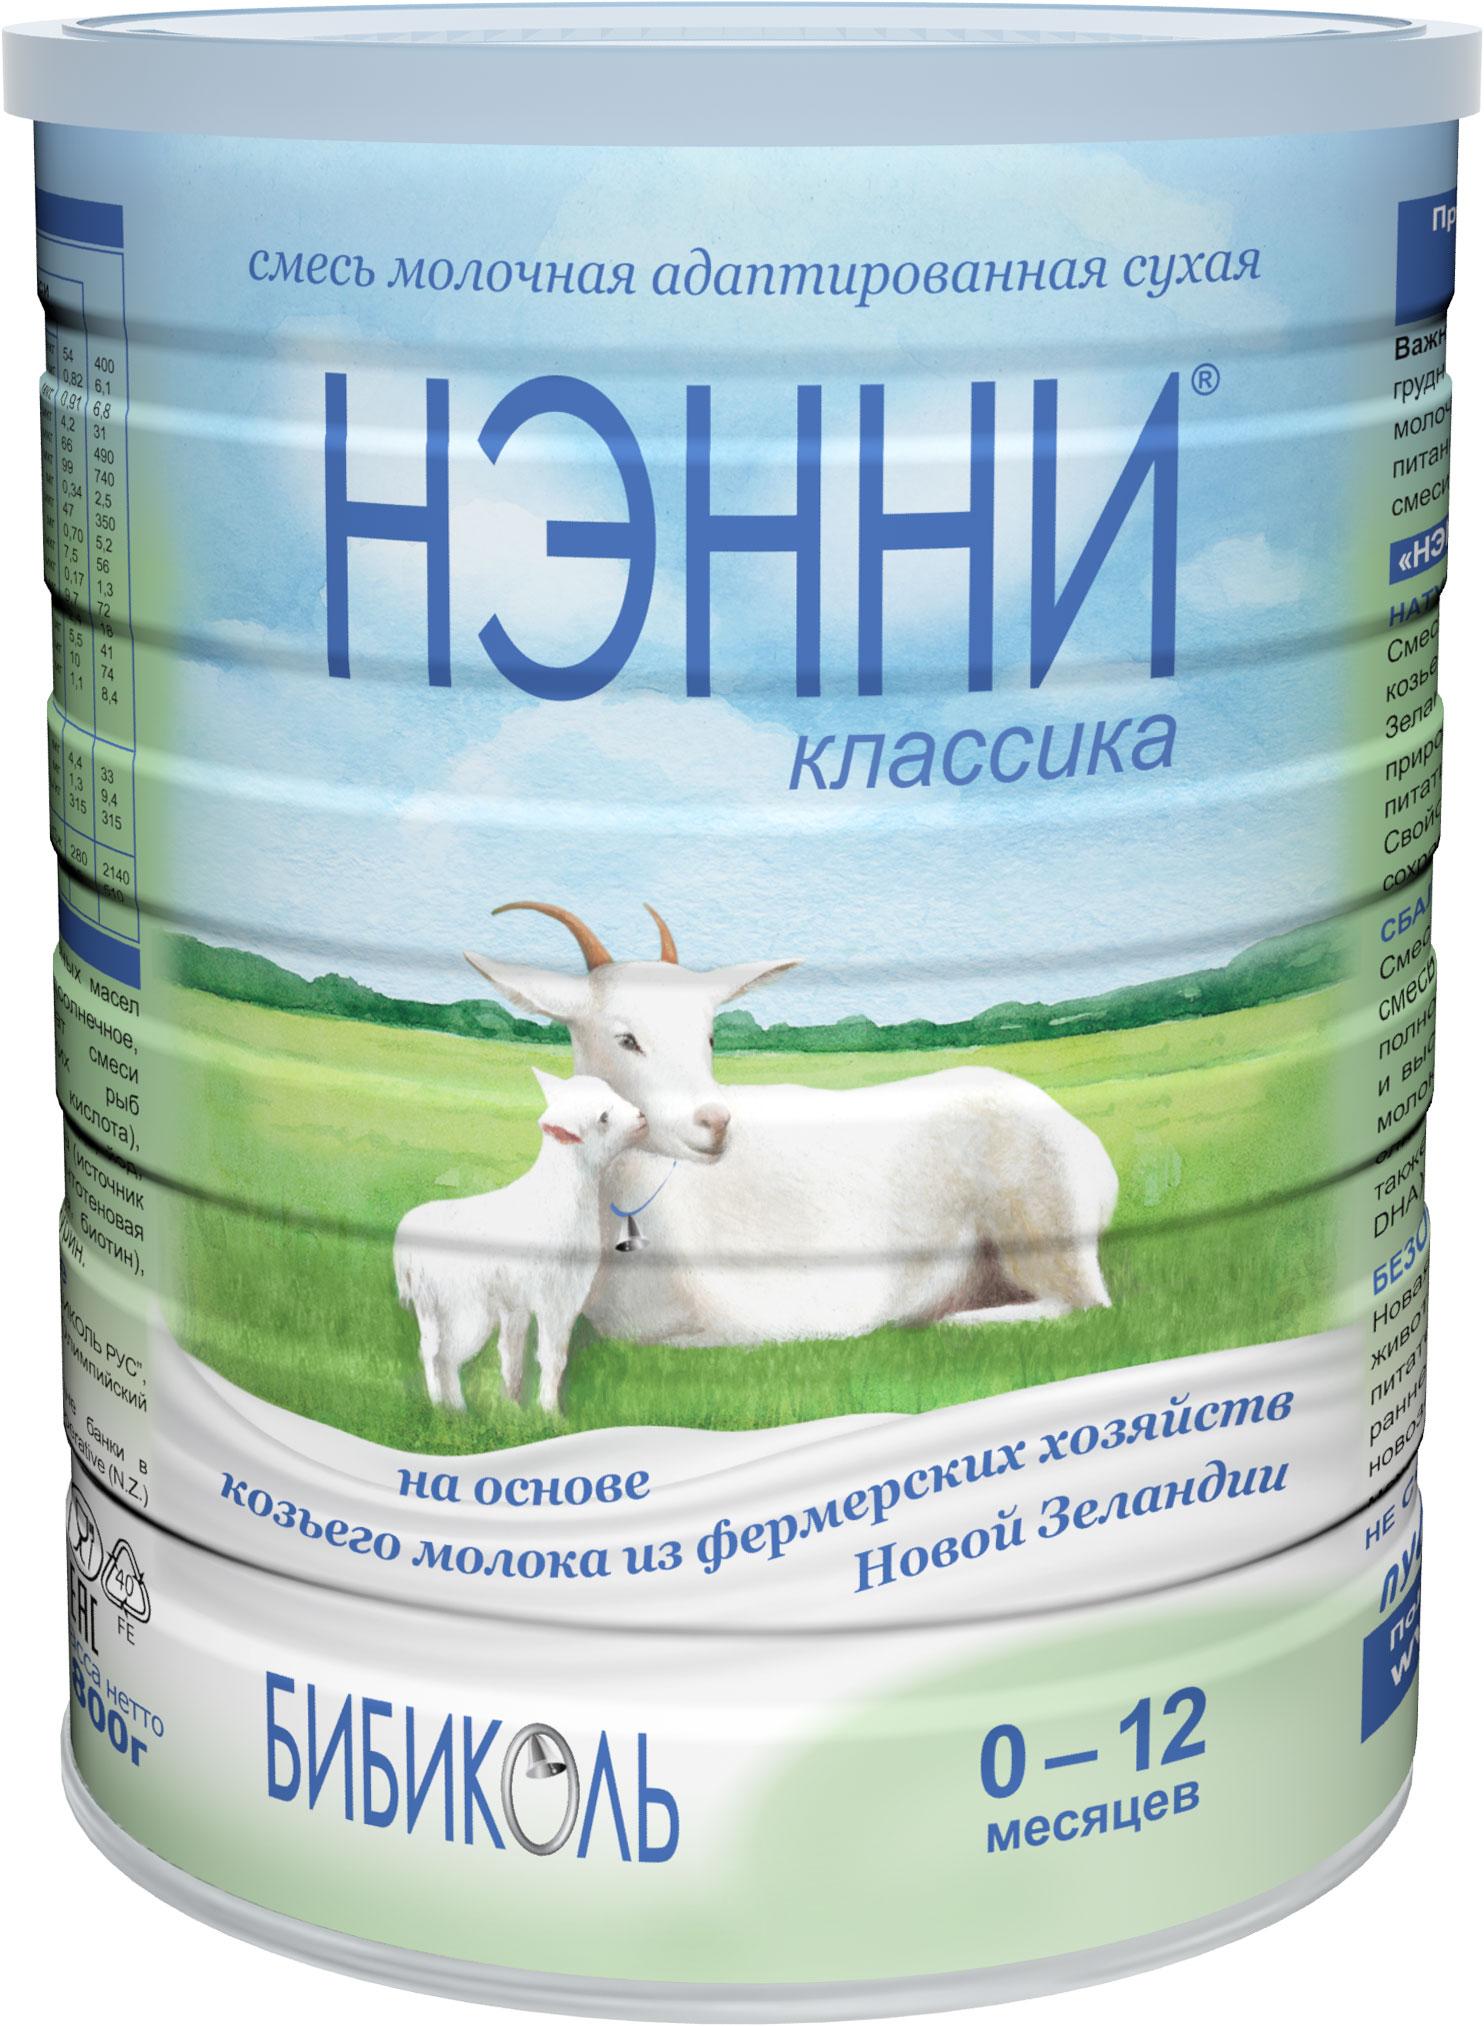 Молочная смесь Бибиколь БИБИКОЛЬ Нэнни Классика (с рождения до 1 года) 800 г молочная смесь kabrita 1 gold с рождения 800 гр на основе козьего молока